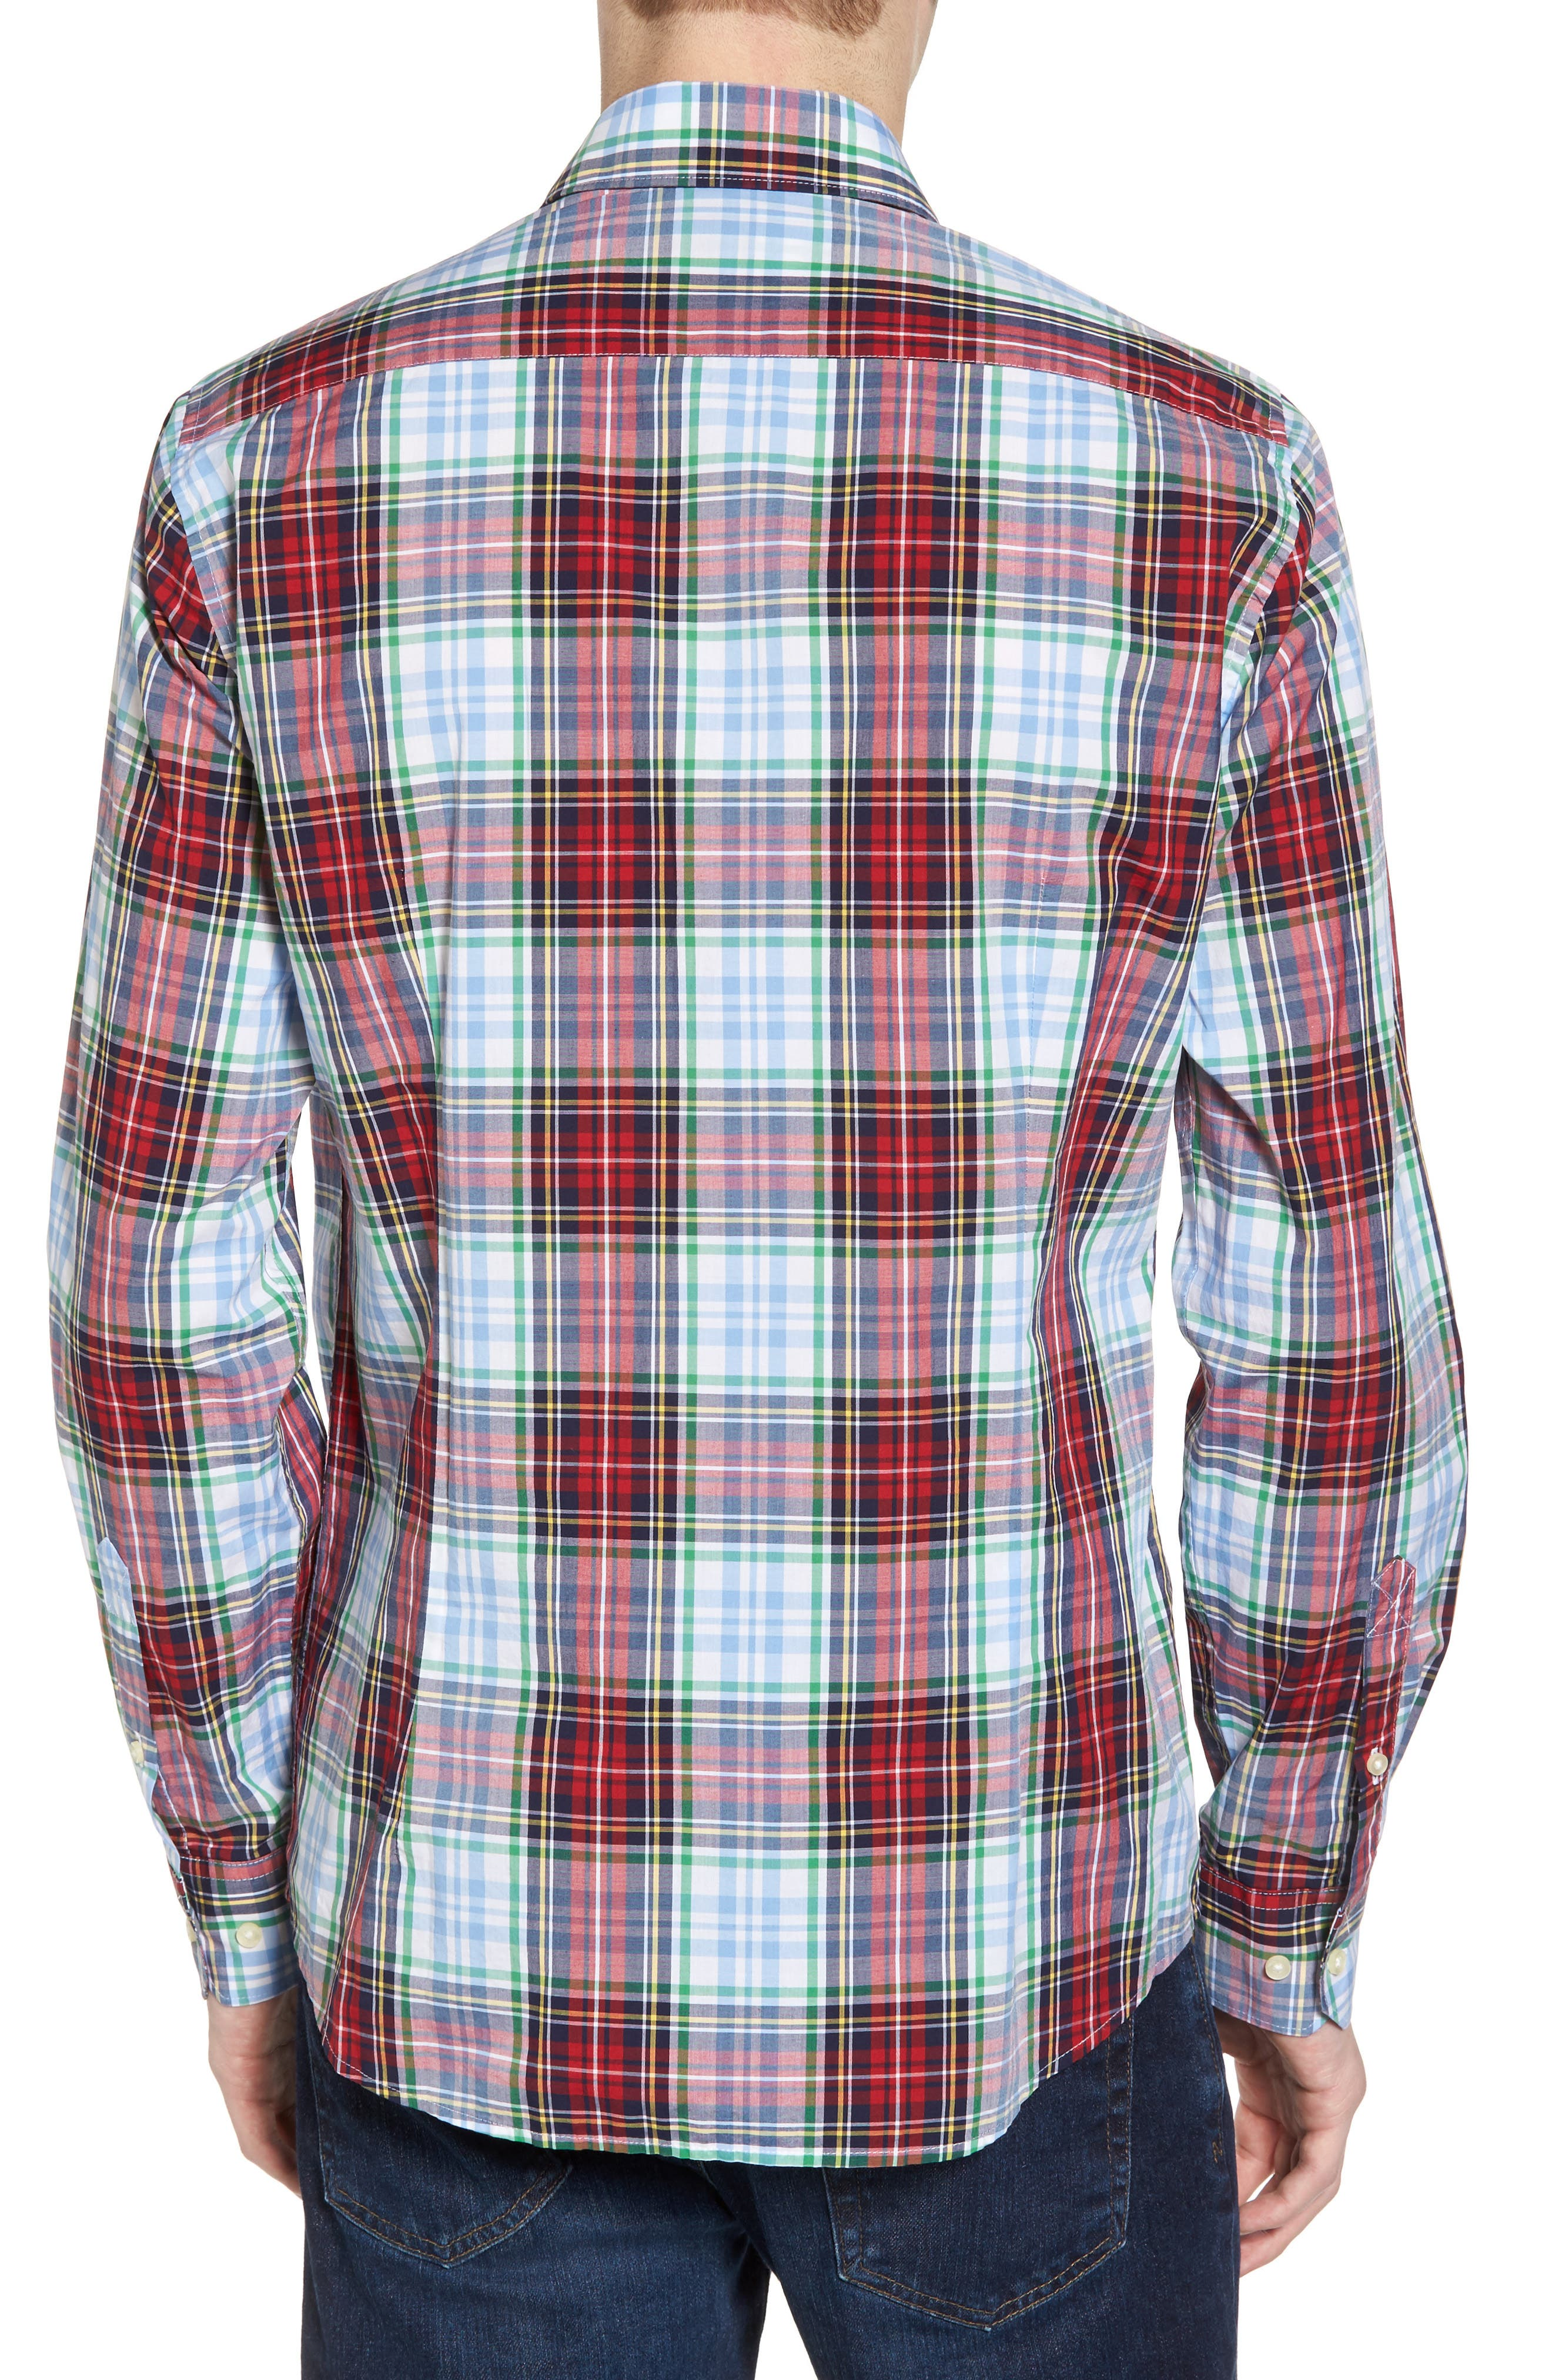 Jeff Trim Fit Plaid Sport Shirt,                             Alternate thumbnail 2, color,                             Red